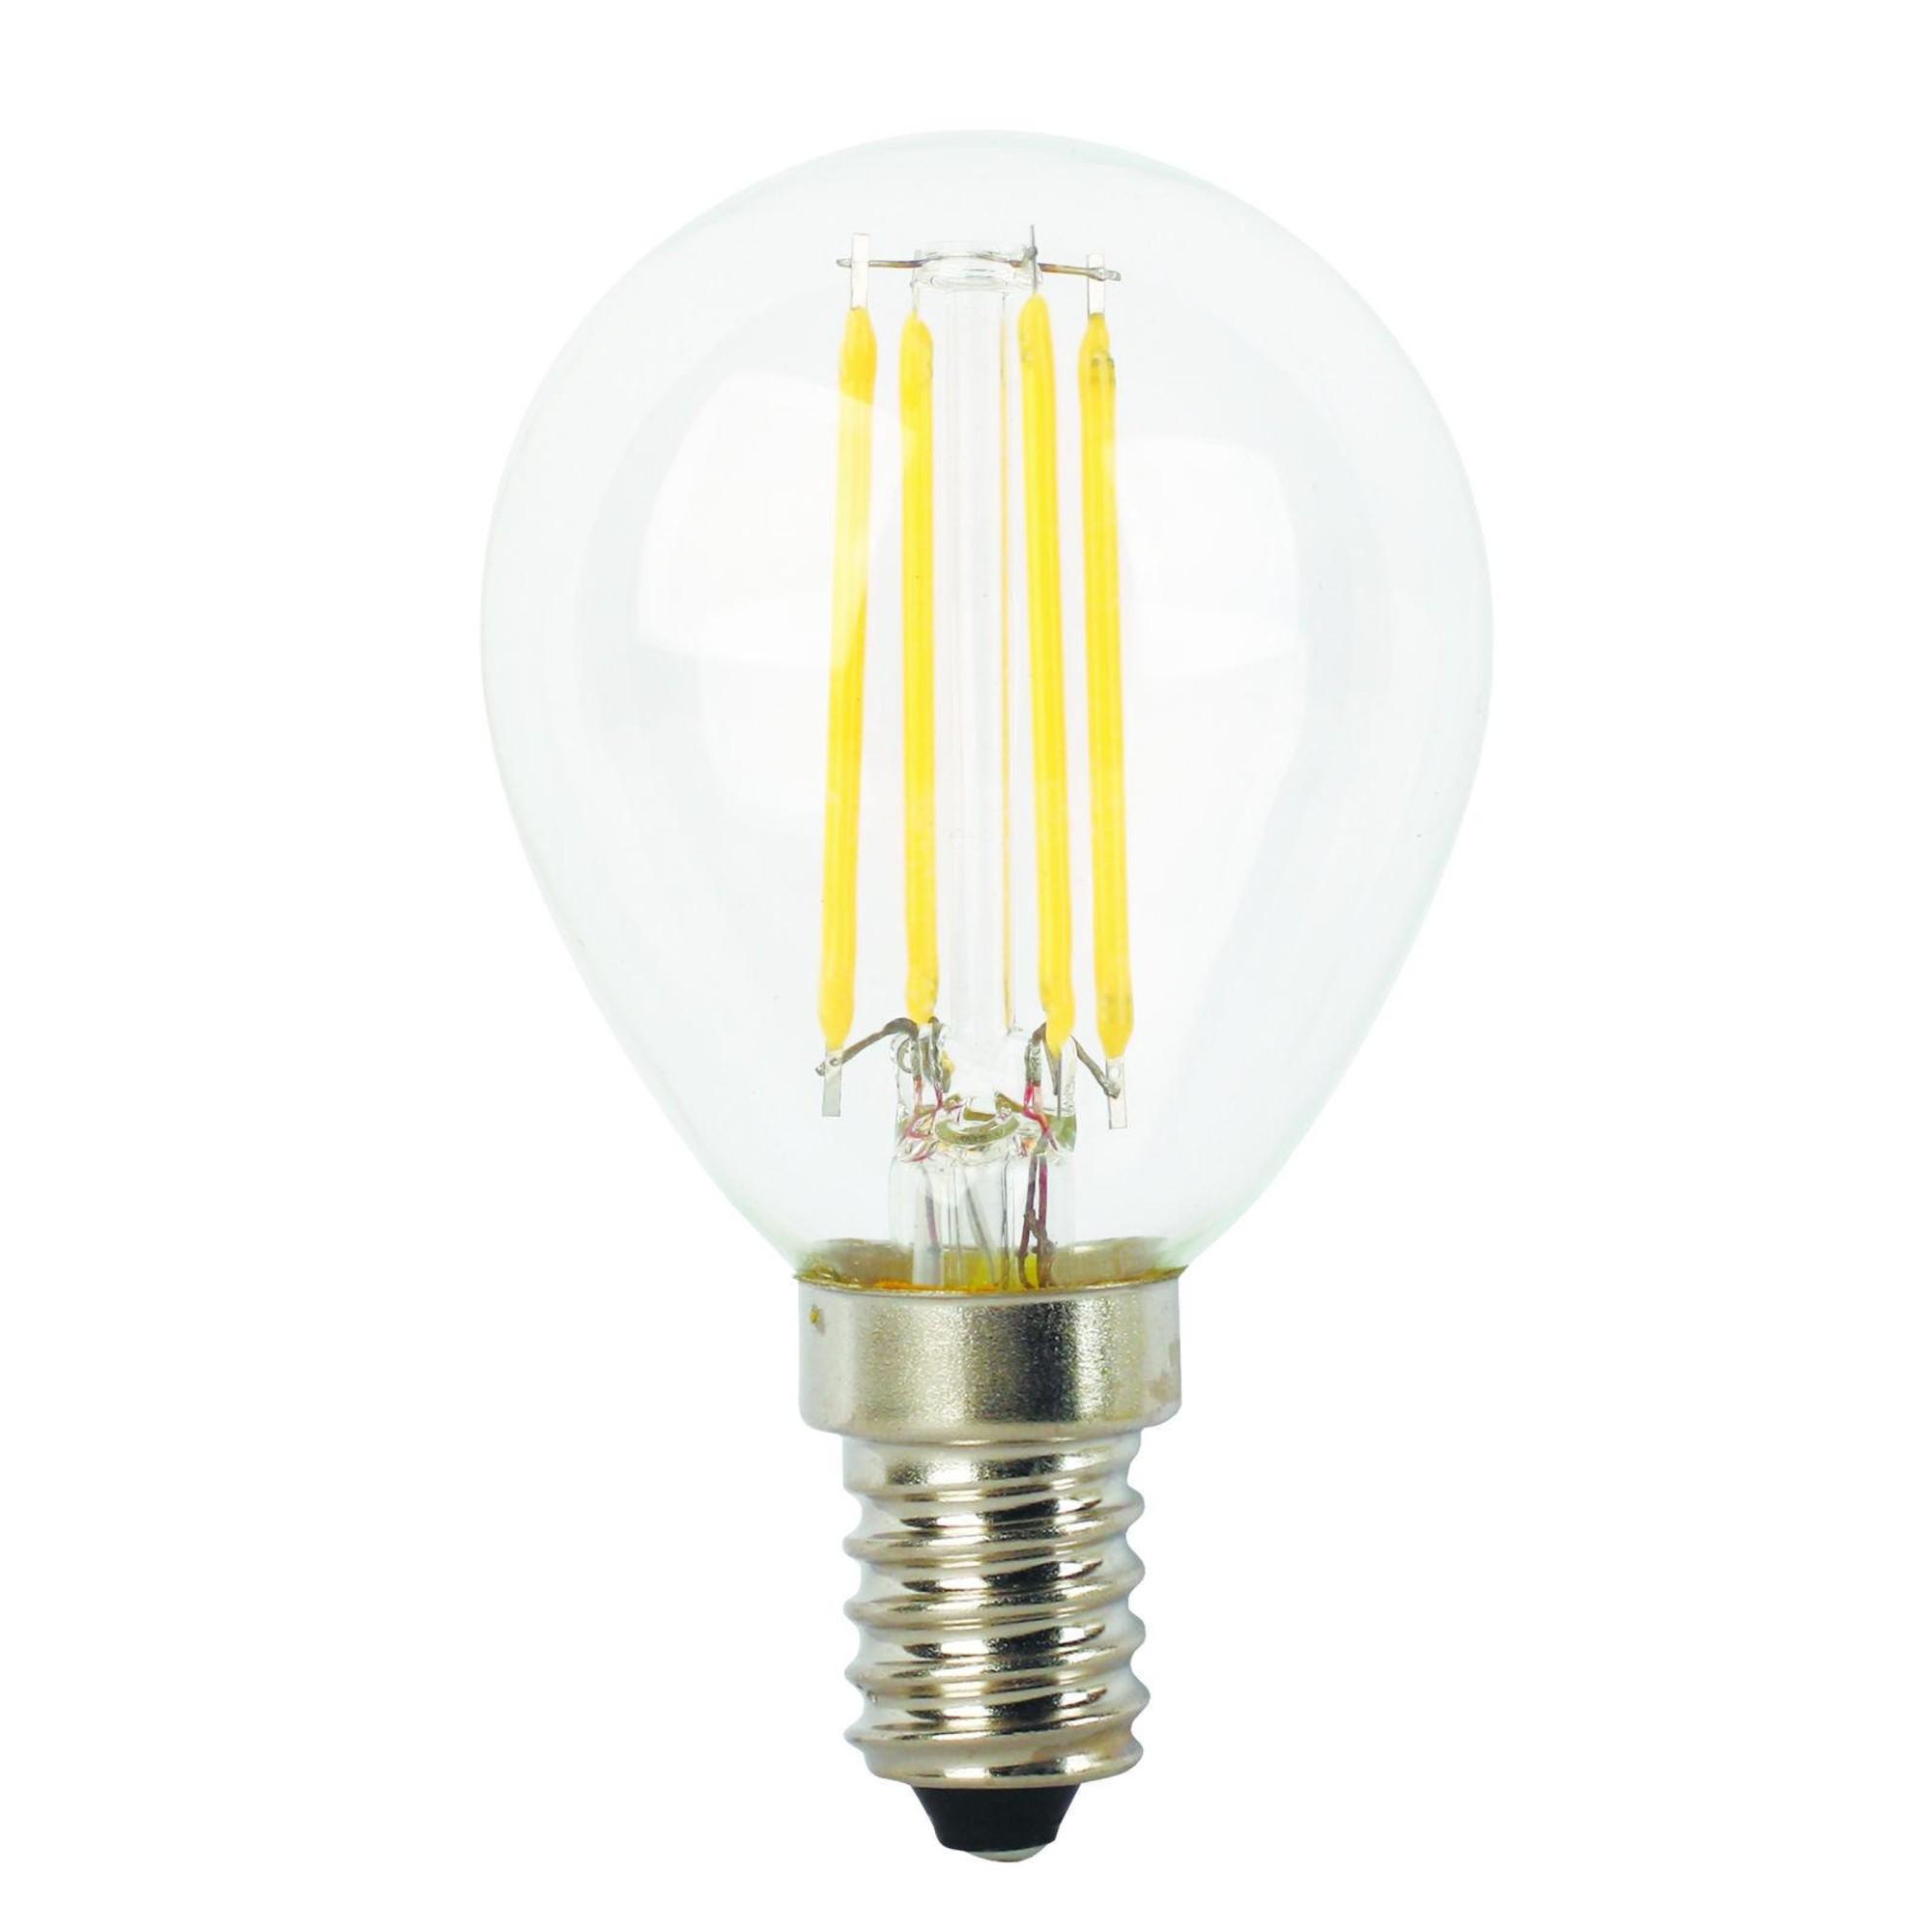 Лампа Ecola Premium светодионая E14 5 Вт шар 500 Лм нейтральный свет